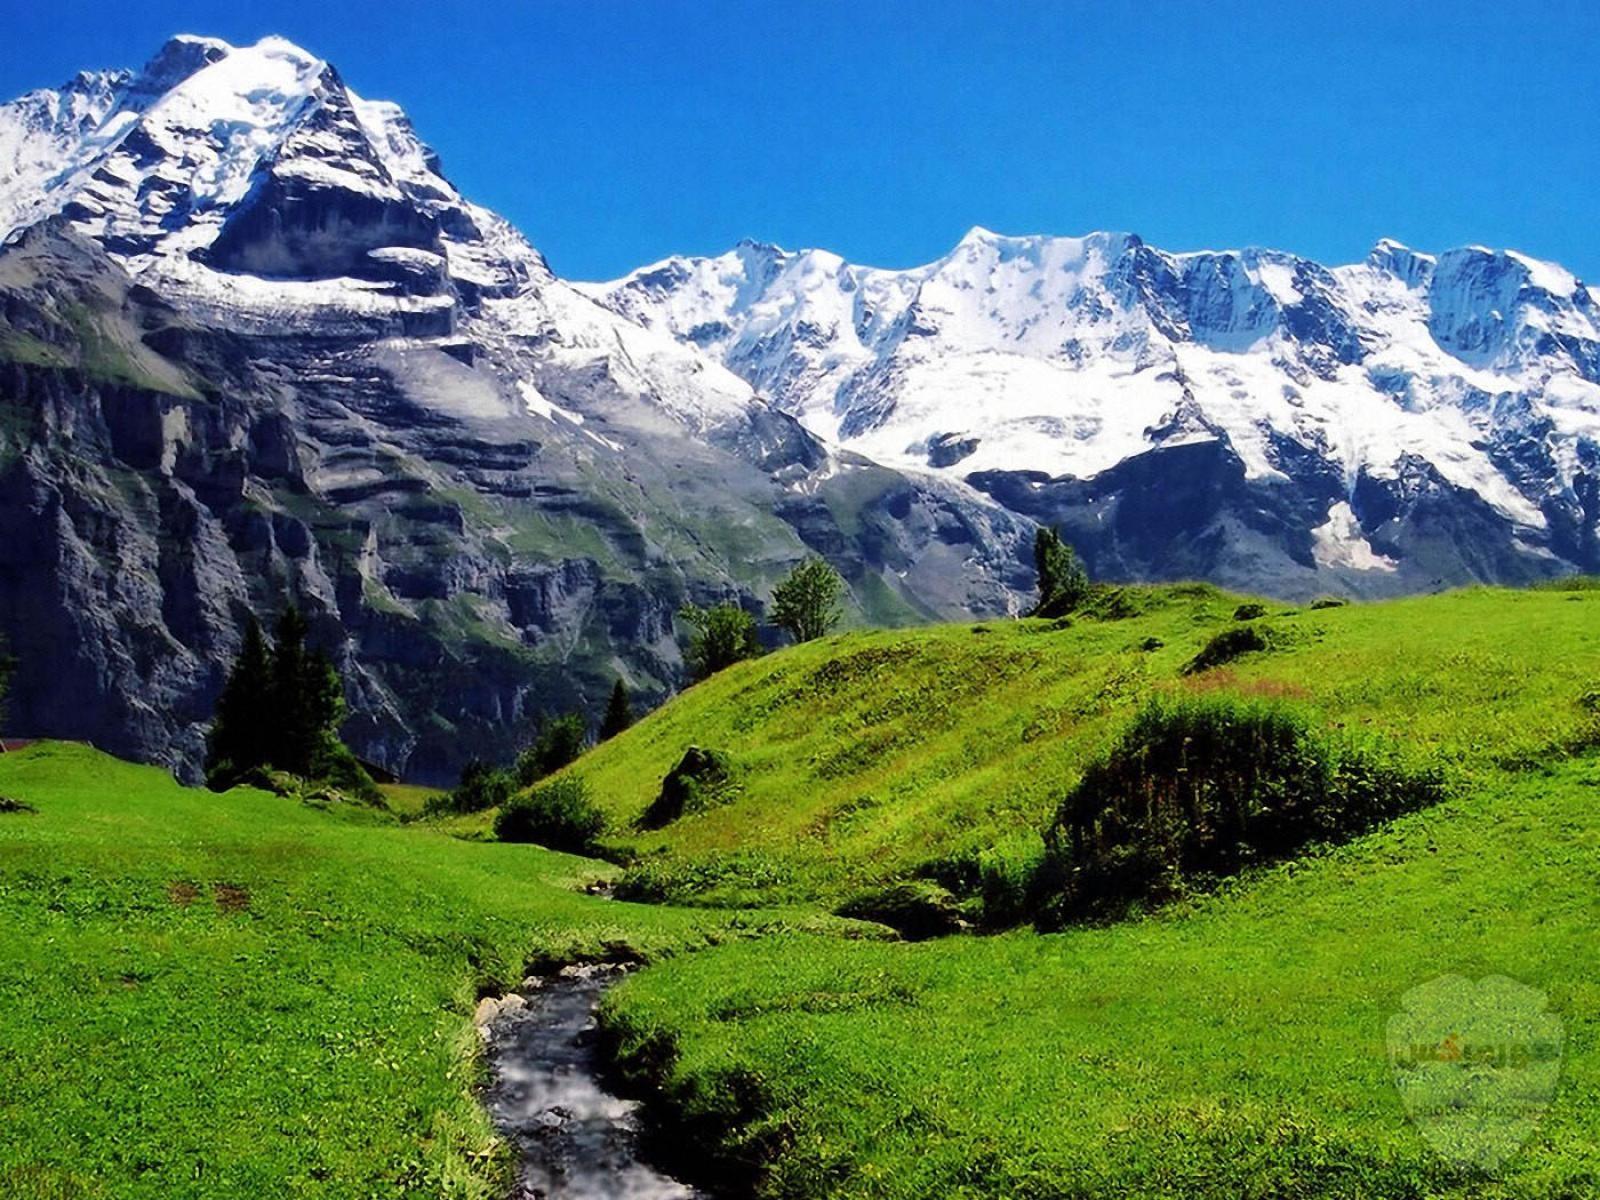 غروب هادئ الجبال والمياه تحميل PNG ، الغروب كن هادئا الجبل ناقلات الفنون ، ملفات PSD والخلفية 3